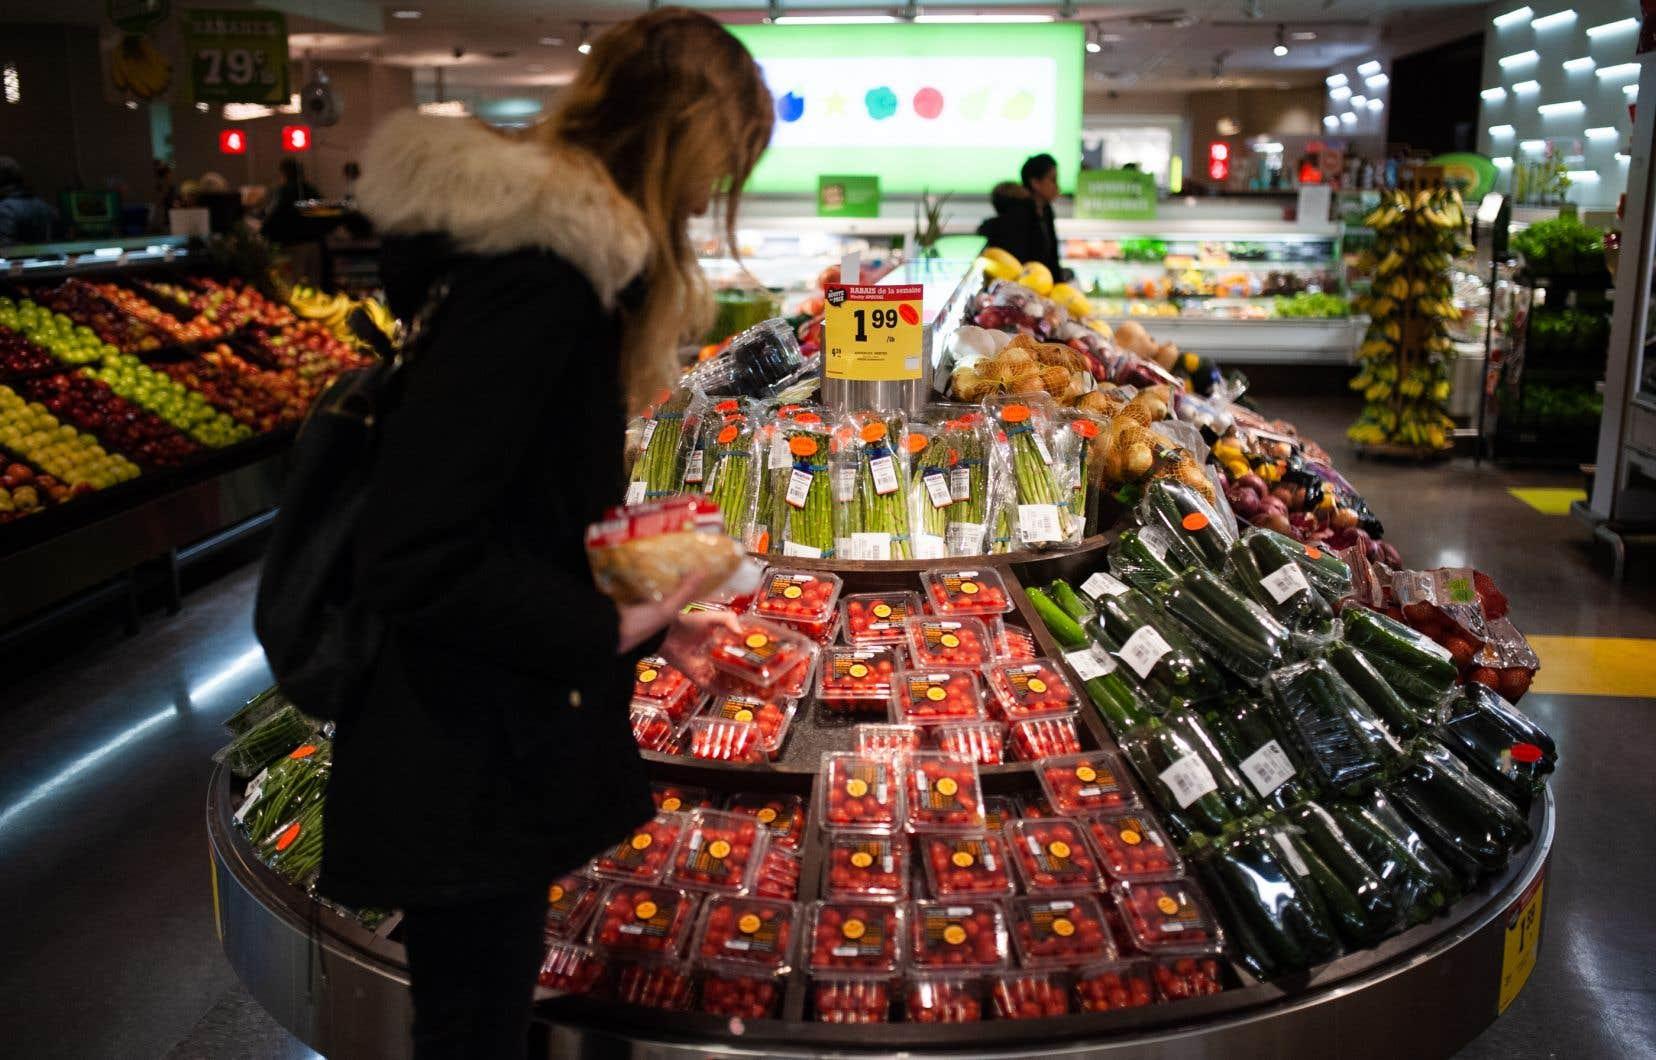 «La nourriture n'est pas un produit glamour dont la valeur est proportionnelle à l'esthétique, comme le dernier téléphone intelligent», affirme l'auteur.